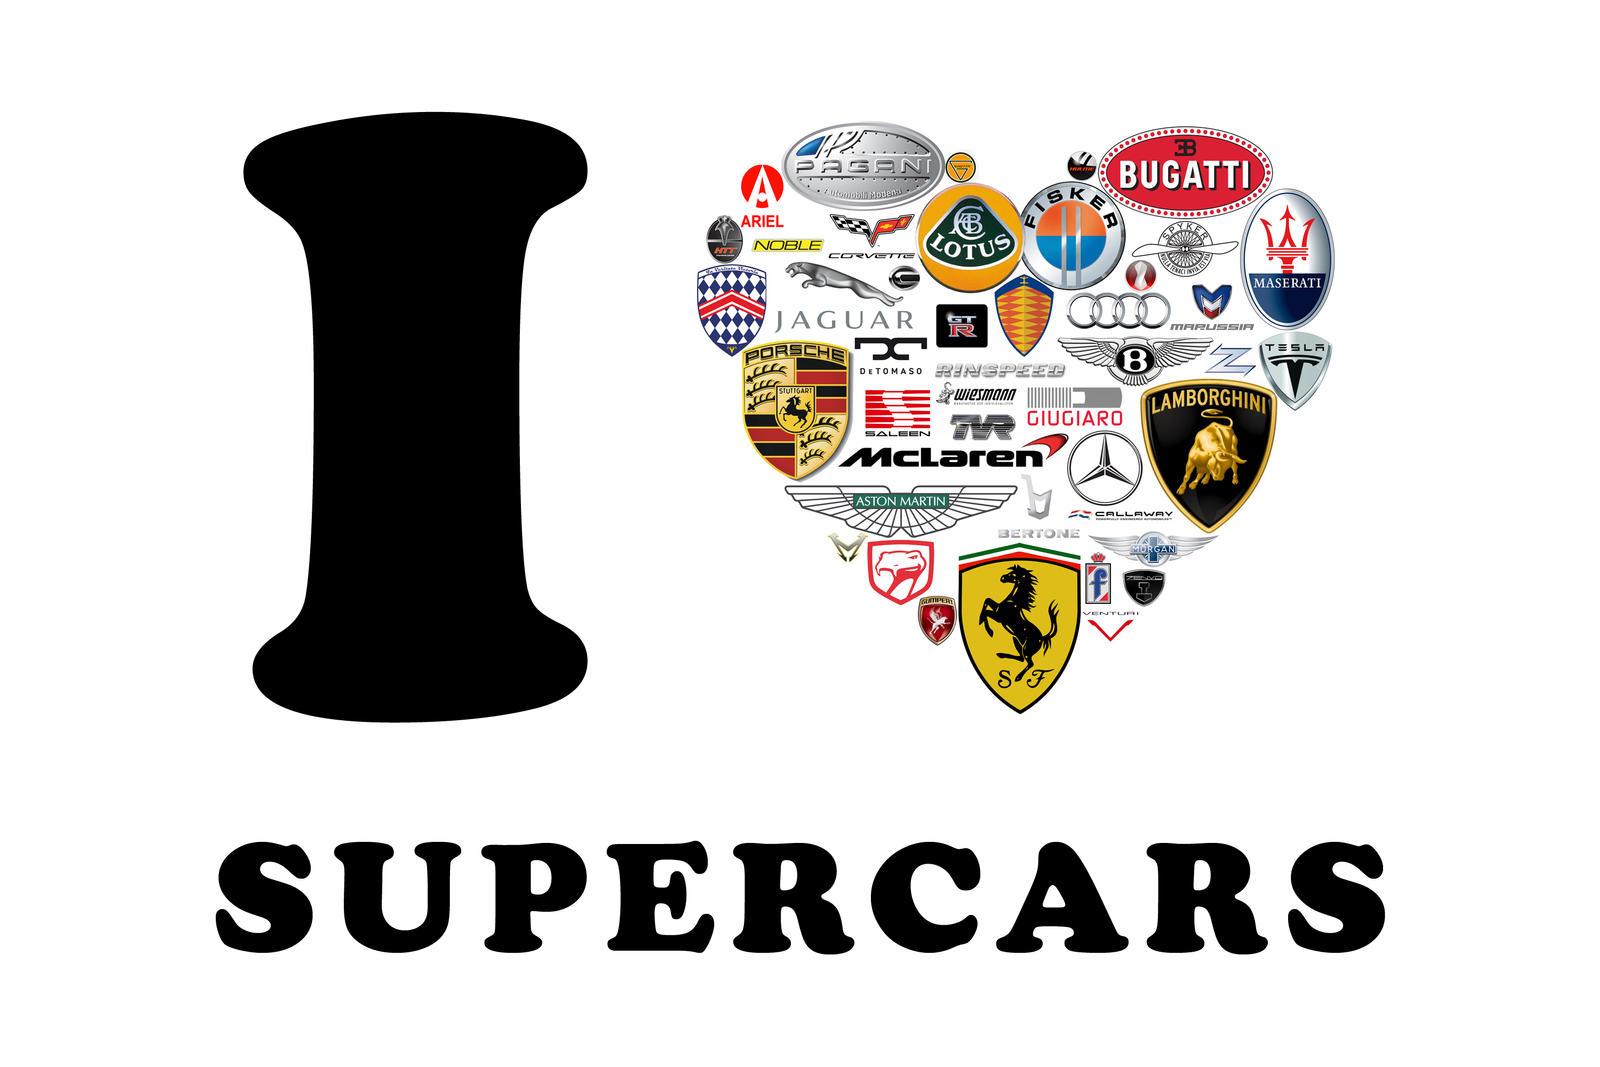 I Love Supercars By Deserker On Deviantart